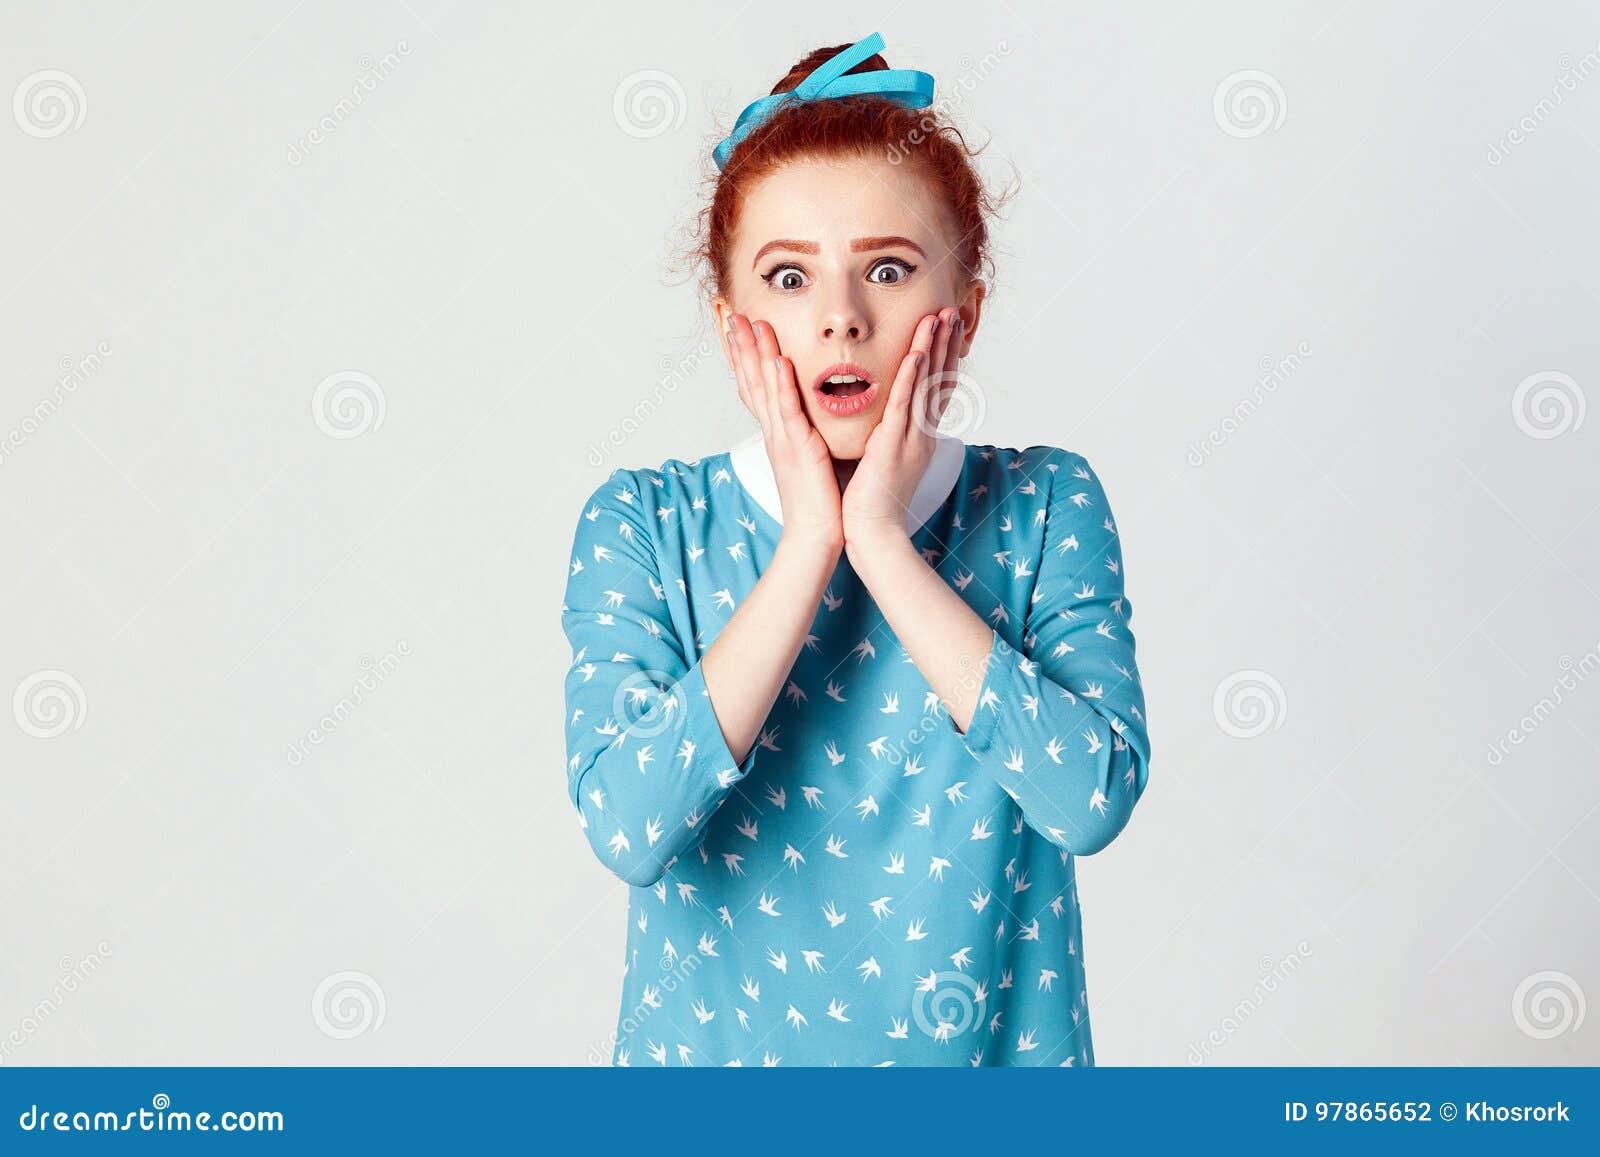 Expressions et émotions de visage humain Jeune fille rousse criant avec le choc, tenant des mains sur ses joues